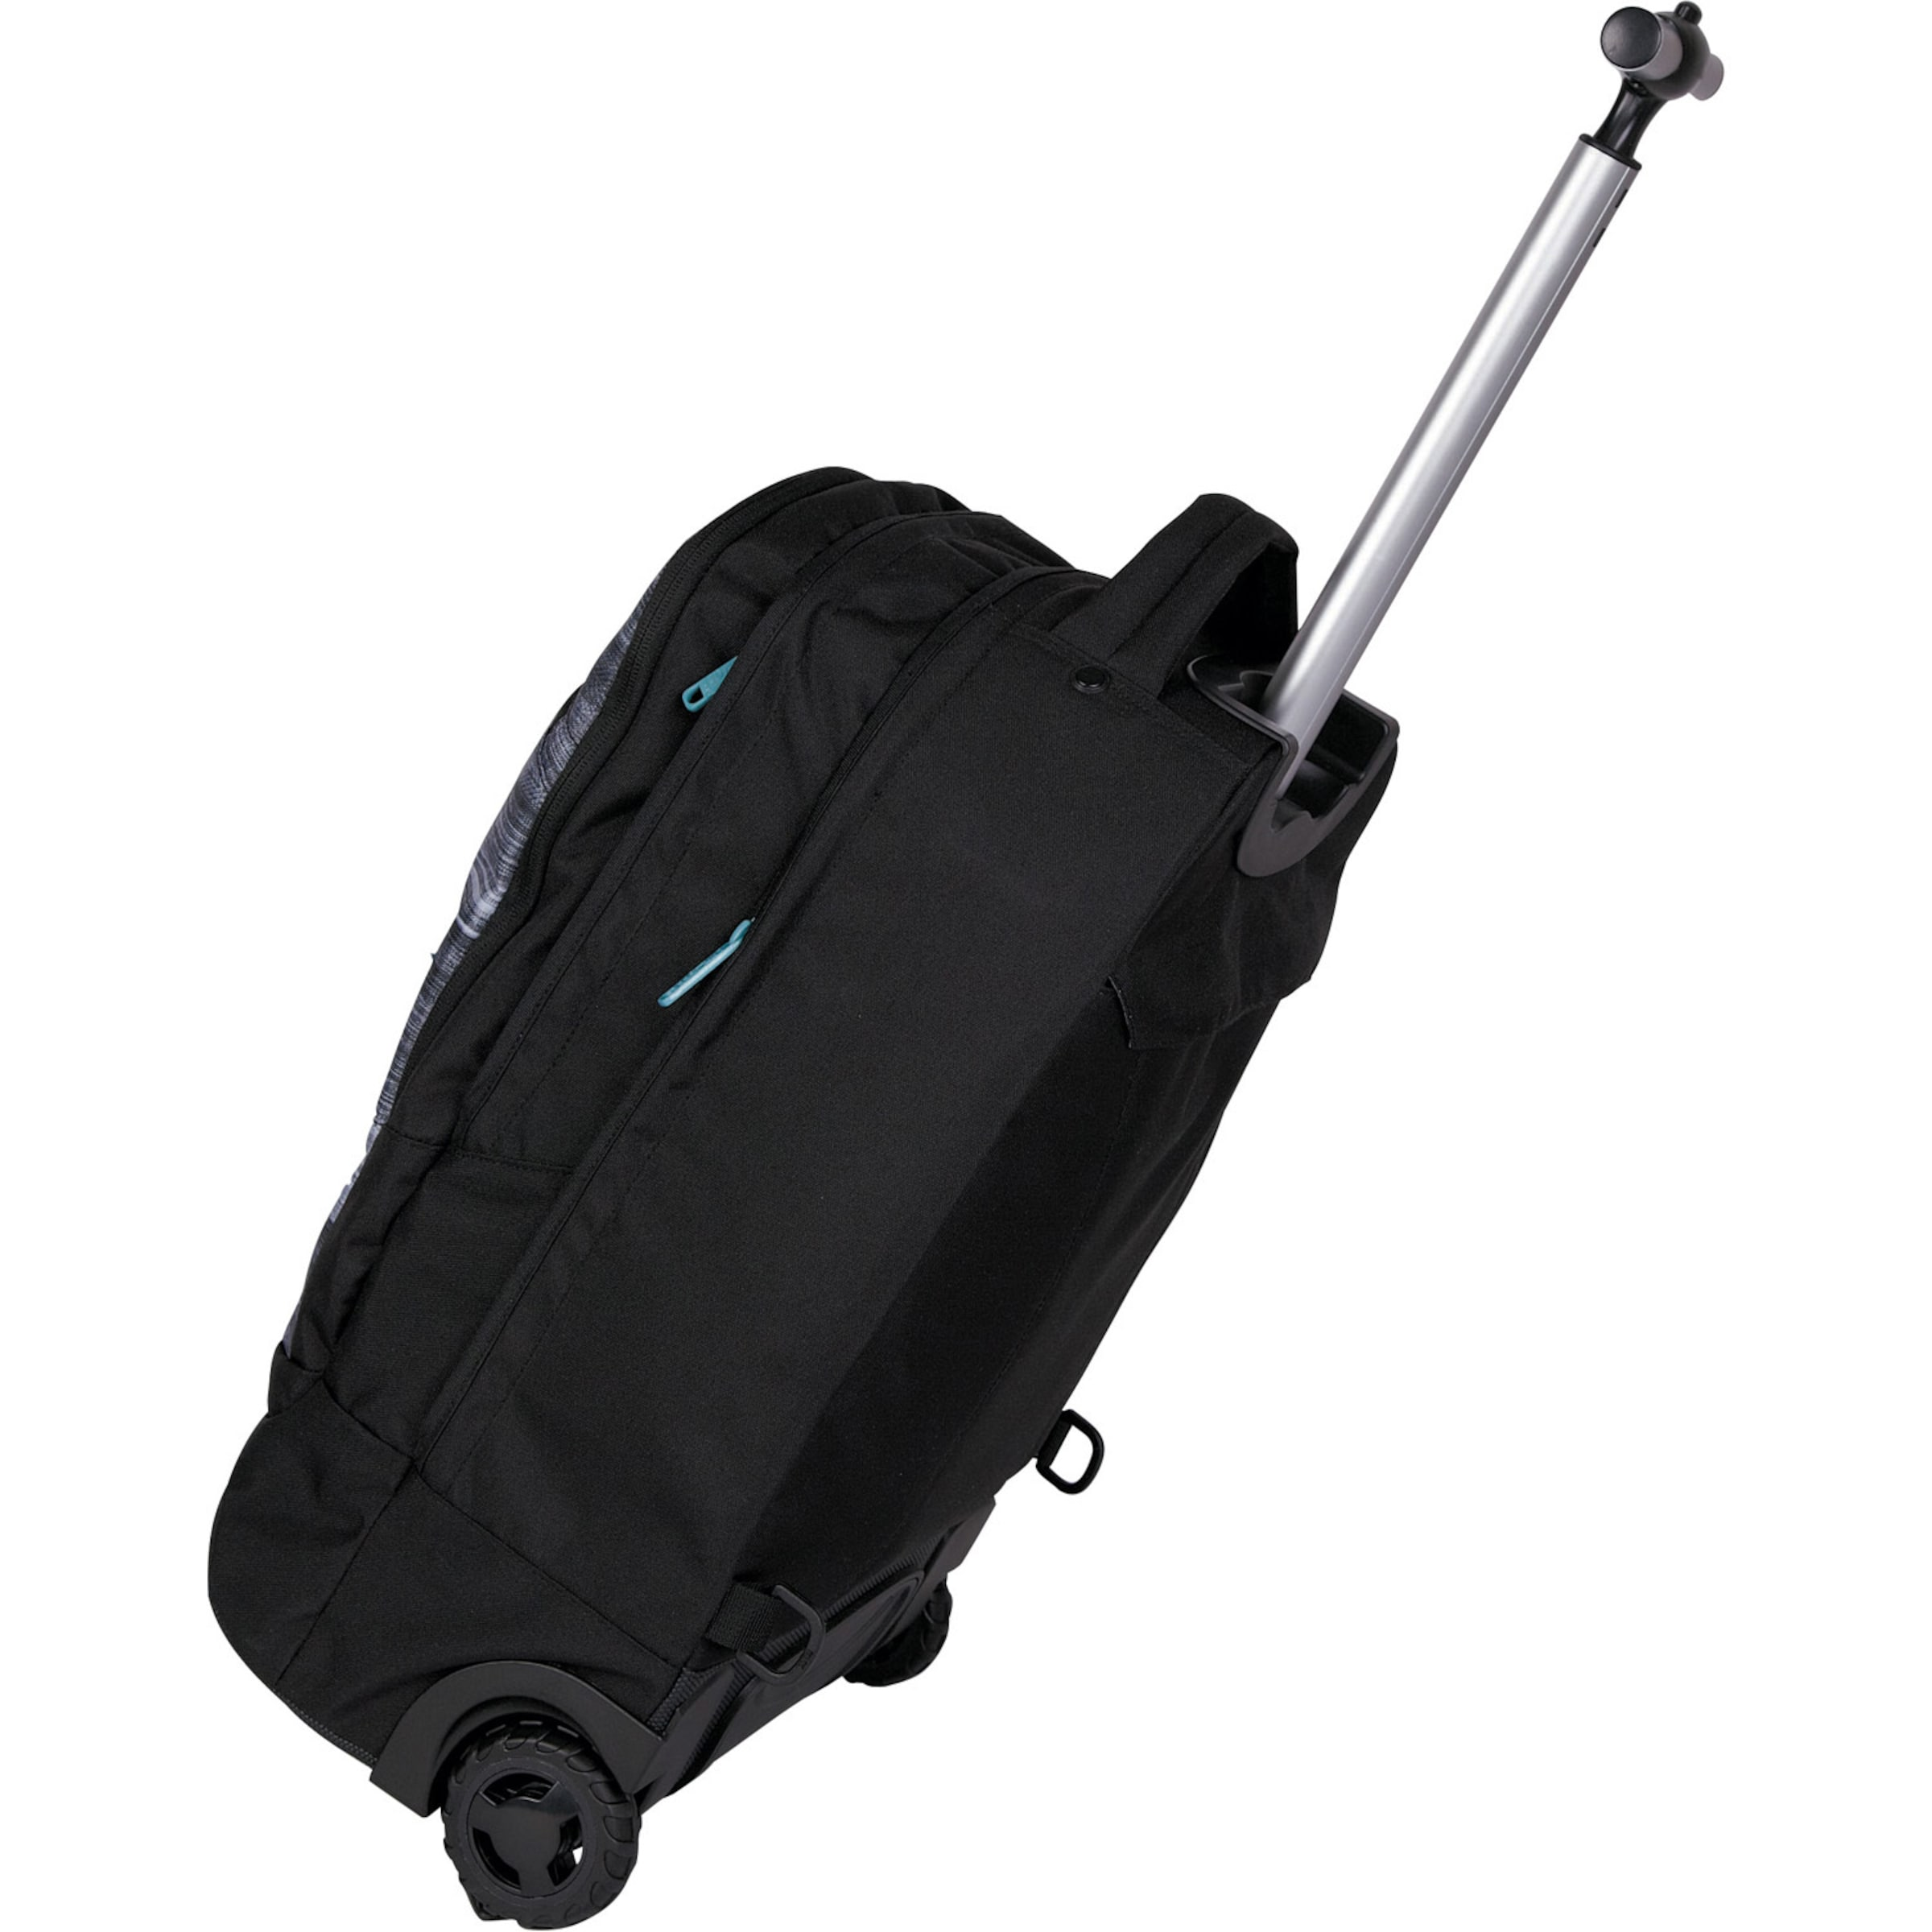 Original- CHIEMSEE Sport 2-Rollen Trolley Rucksack 52 cm Laptopfach Billig Verkauf Online-Shopping Rabattgutscheine Online Verkauf Offizielle Seite Countdown Paket Günstiger Preis WRES5WraBq